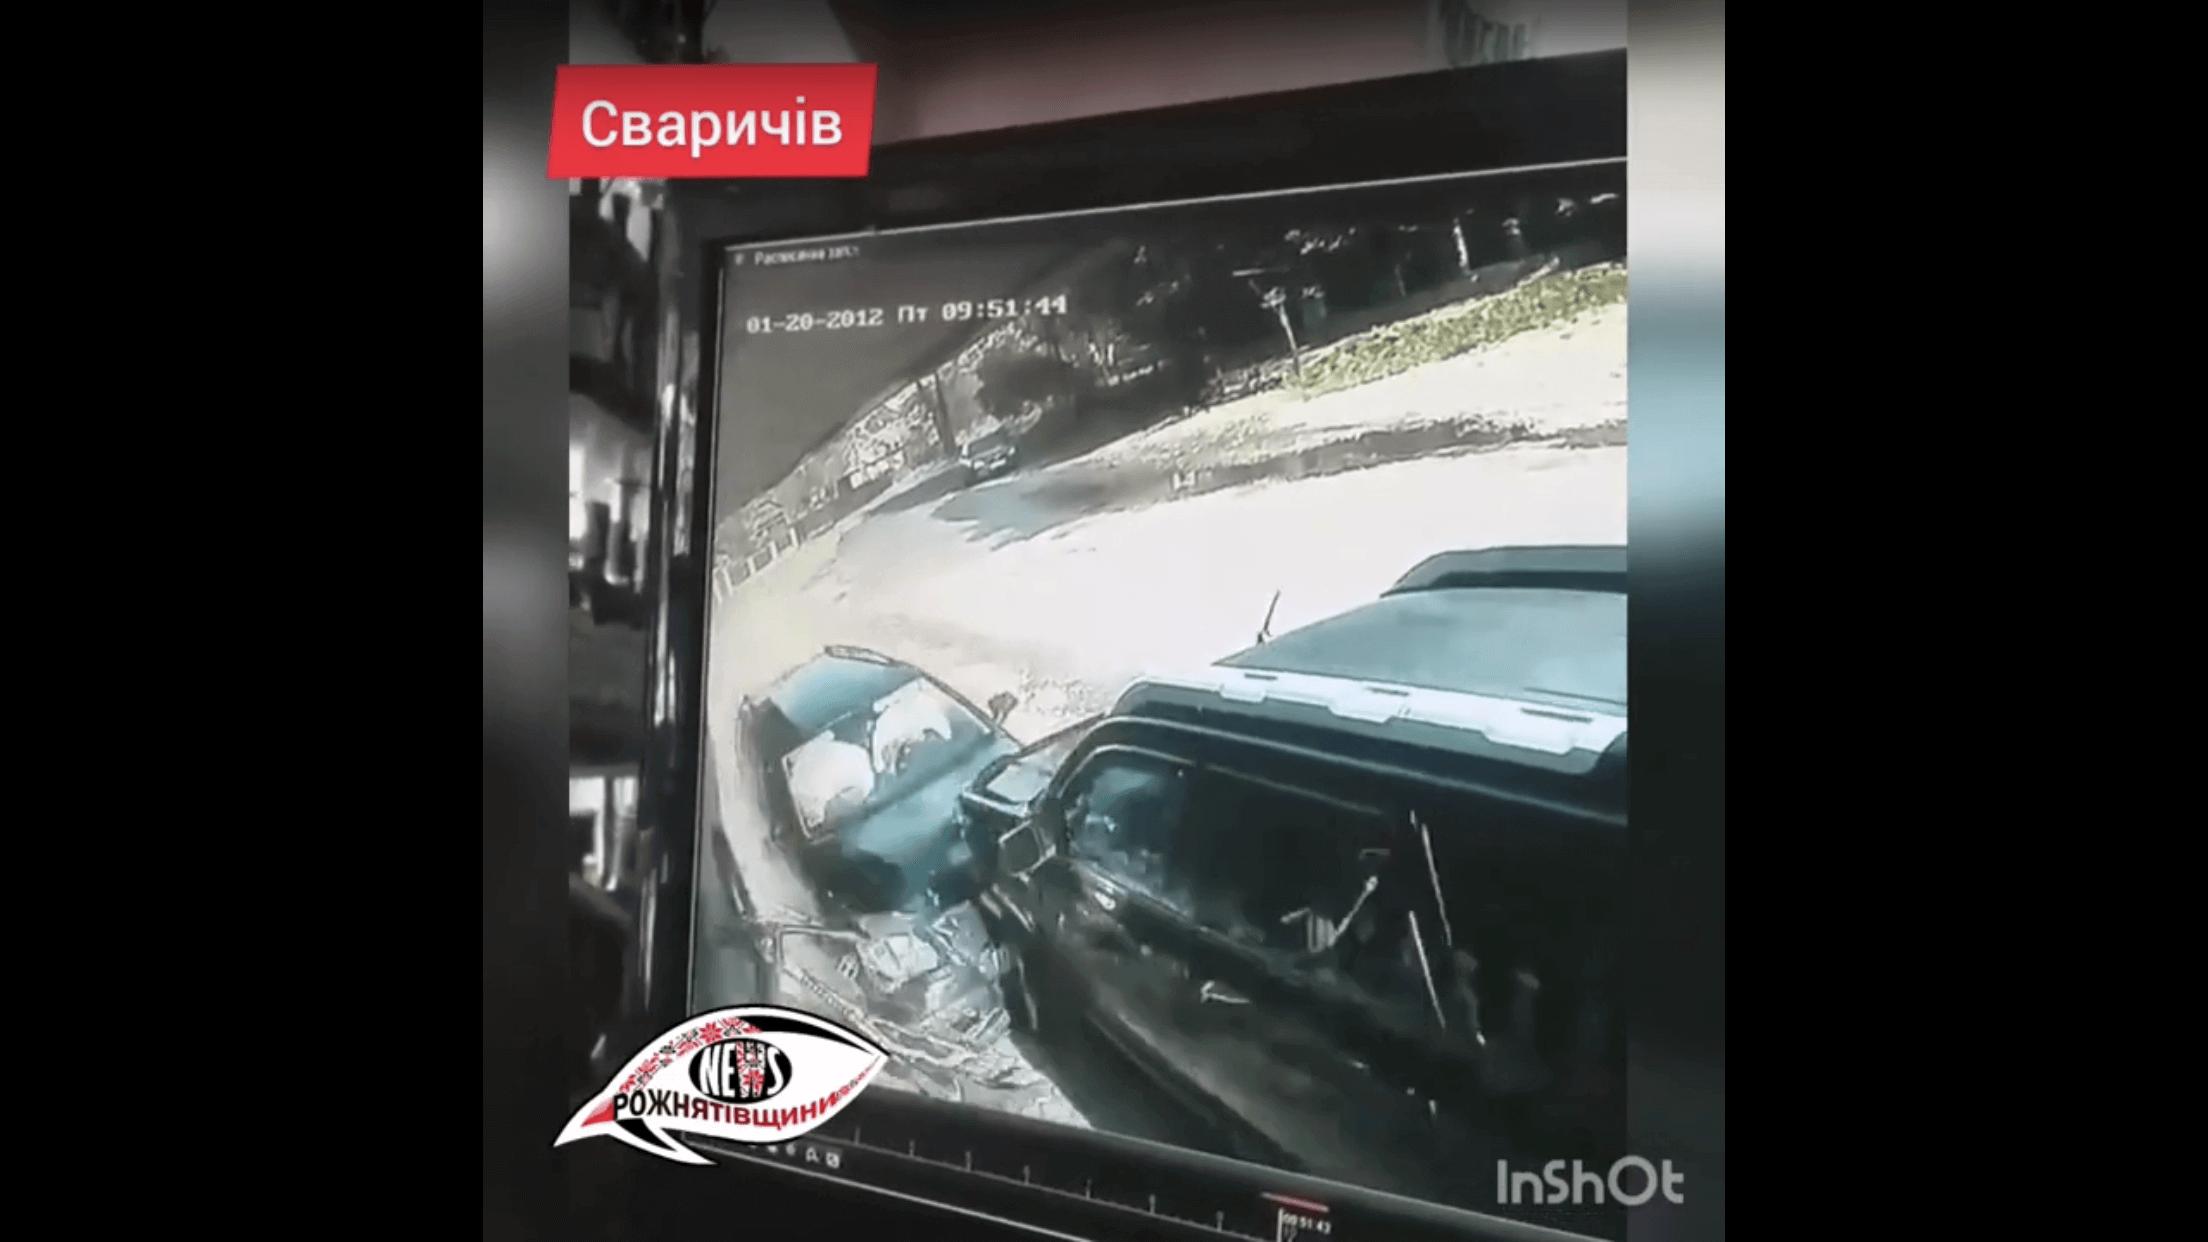 На Рожнятівщині водій врізався у припарковане авто, є травмовані (ФОТО, ВІДЕО)